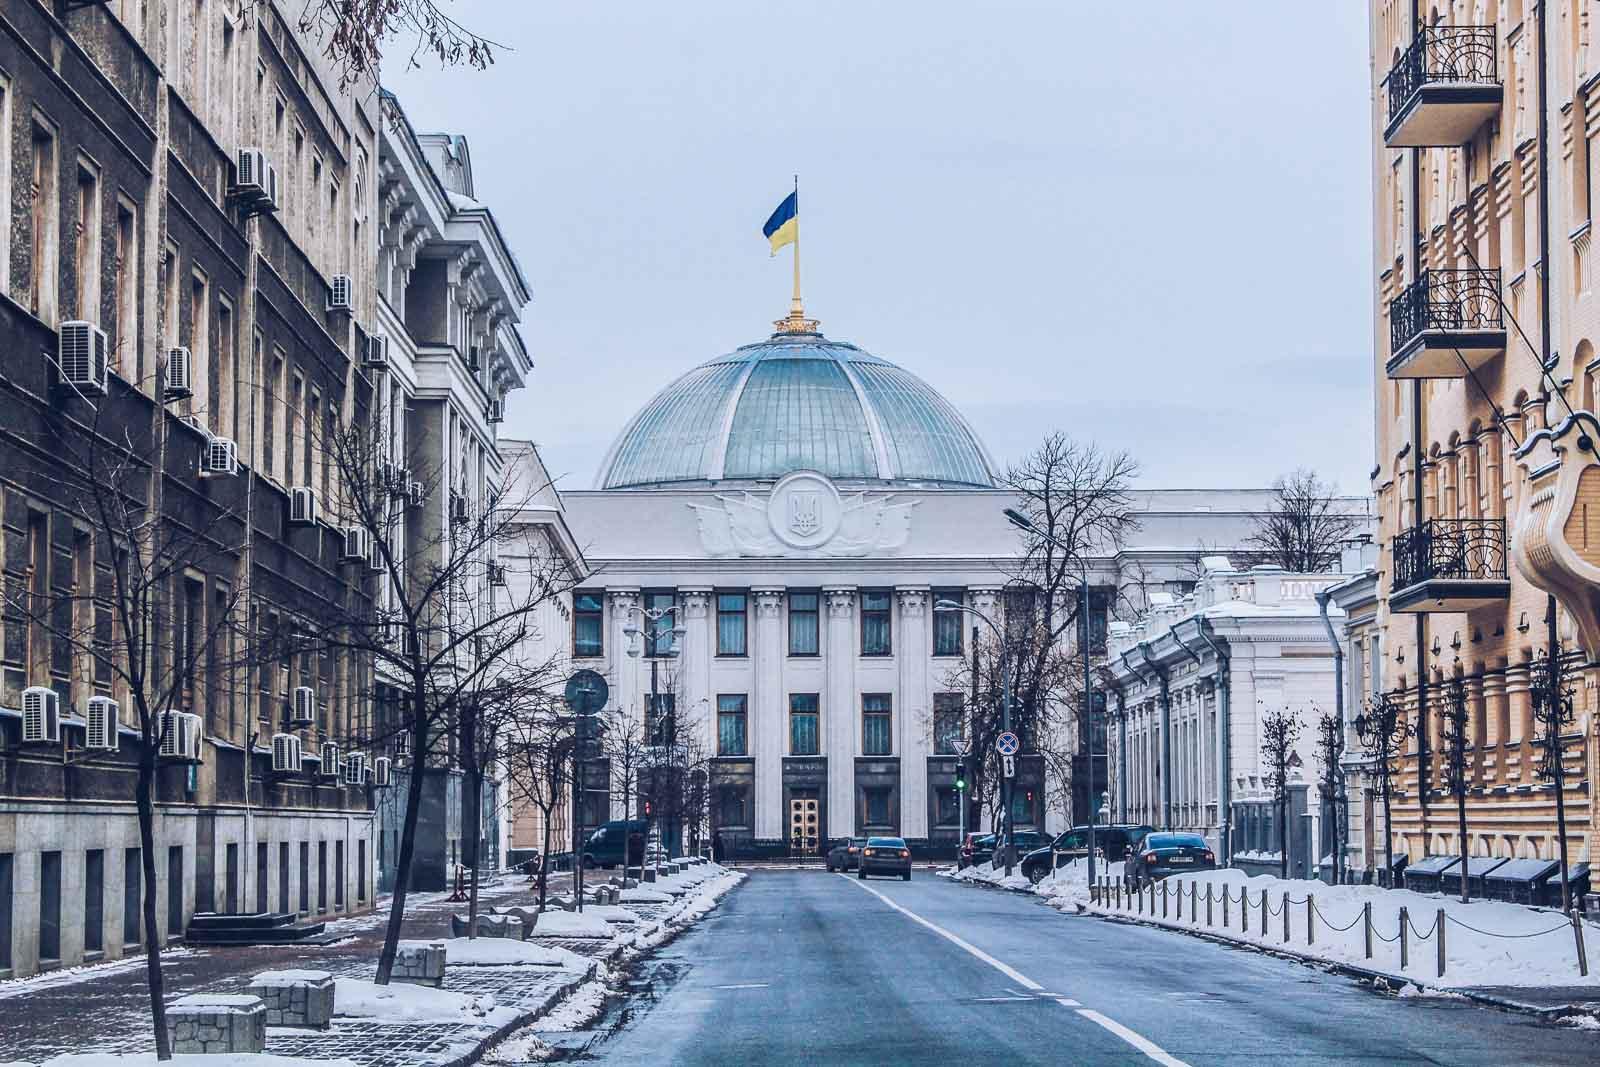 quality of life in Ukraine